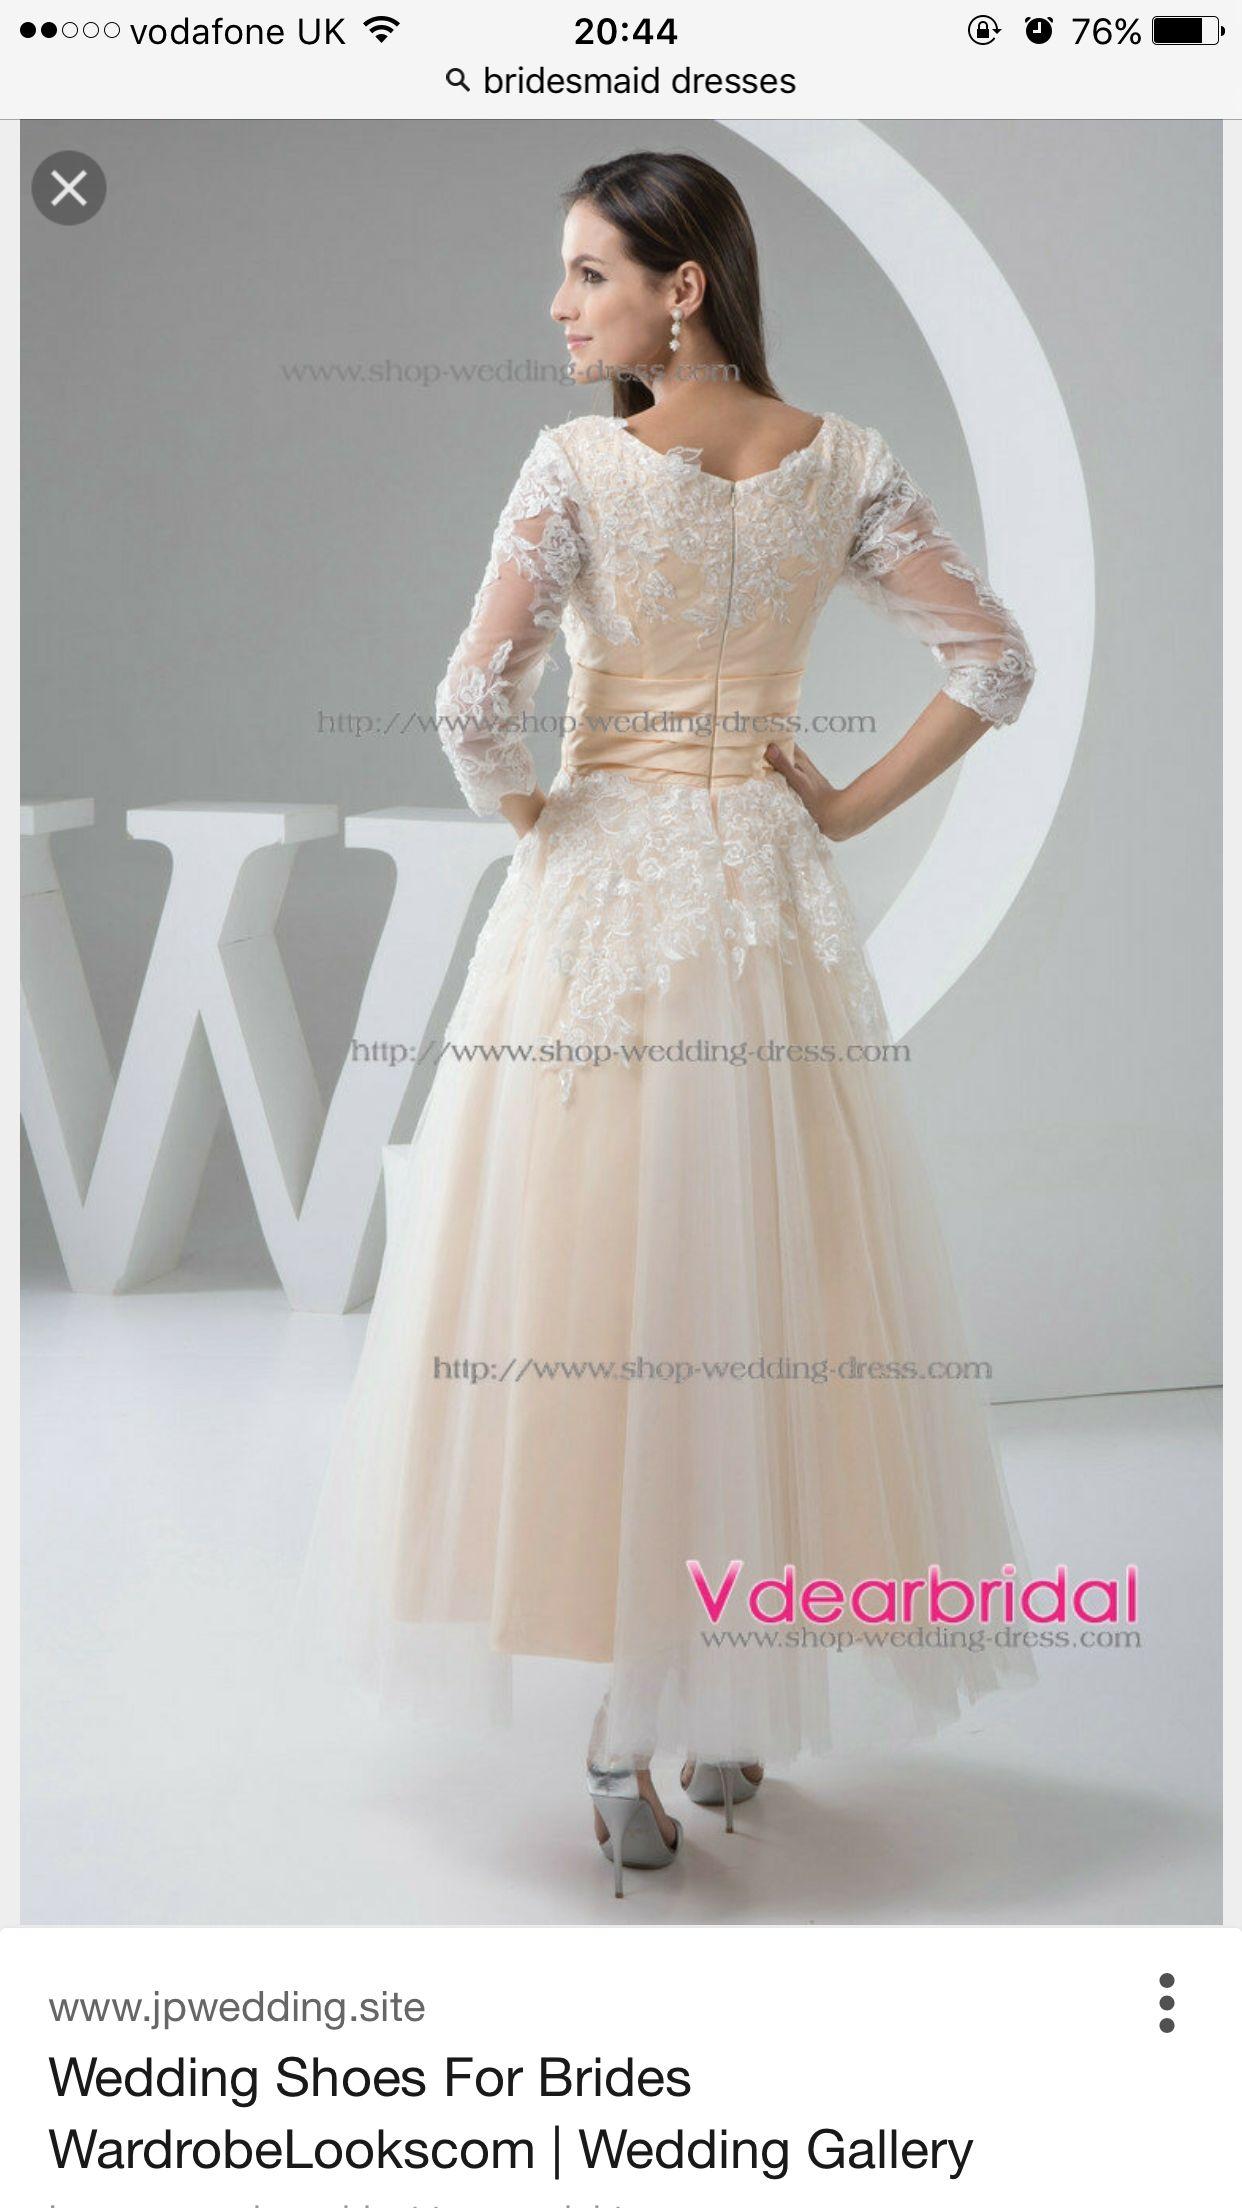 Ausgezeichnet Brautkleid Scheitern Fotos - Brautkleider Ideen ...